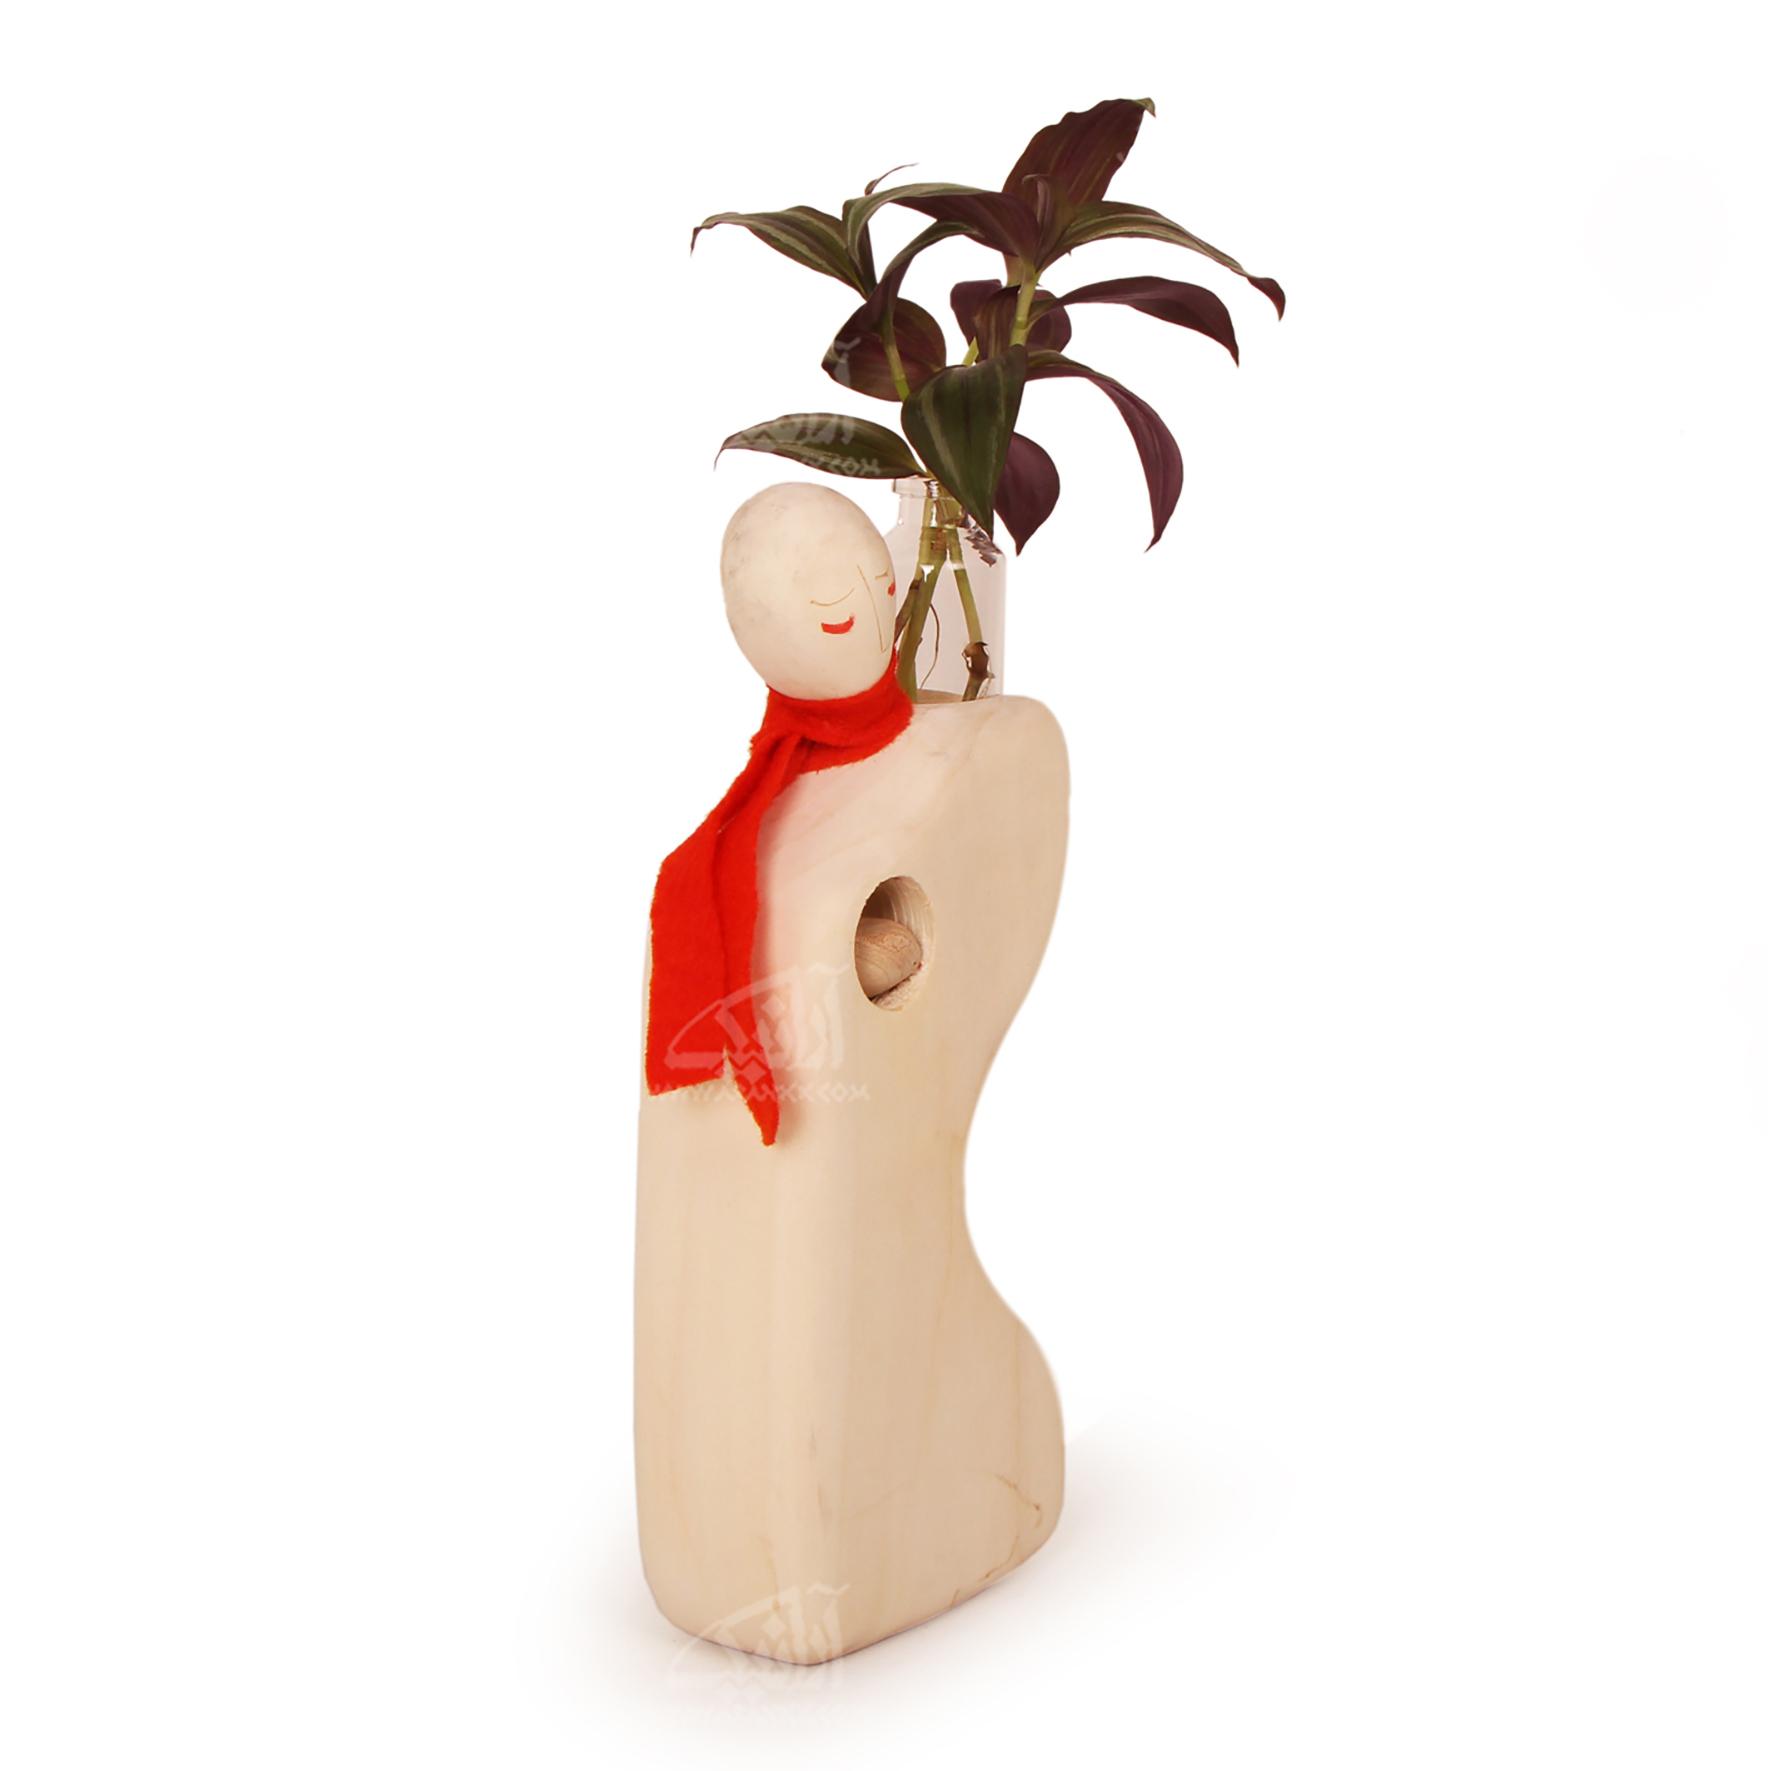 مجسمه آدمک چوبی ساده  رنگ قهوه ای روشن طرح نیایش  مدل 1105900019